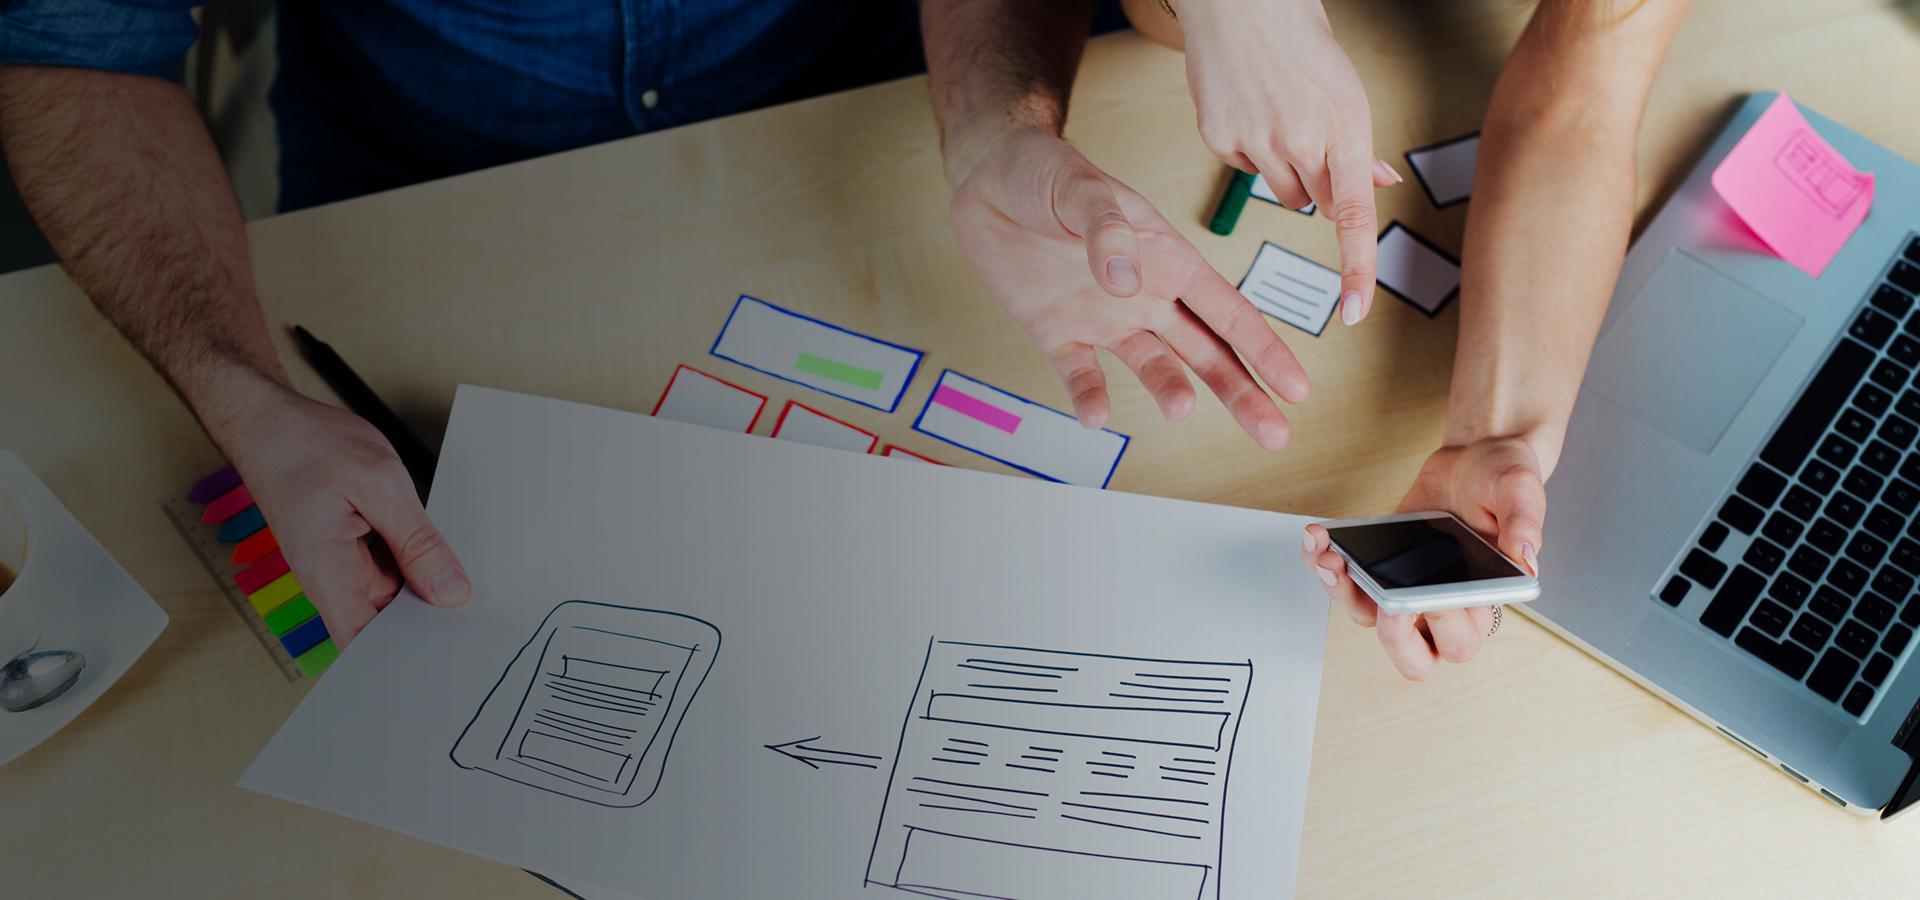 Apprenez à créer votre site web